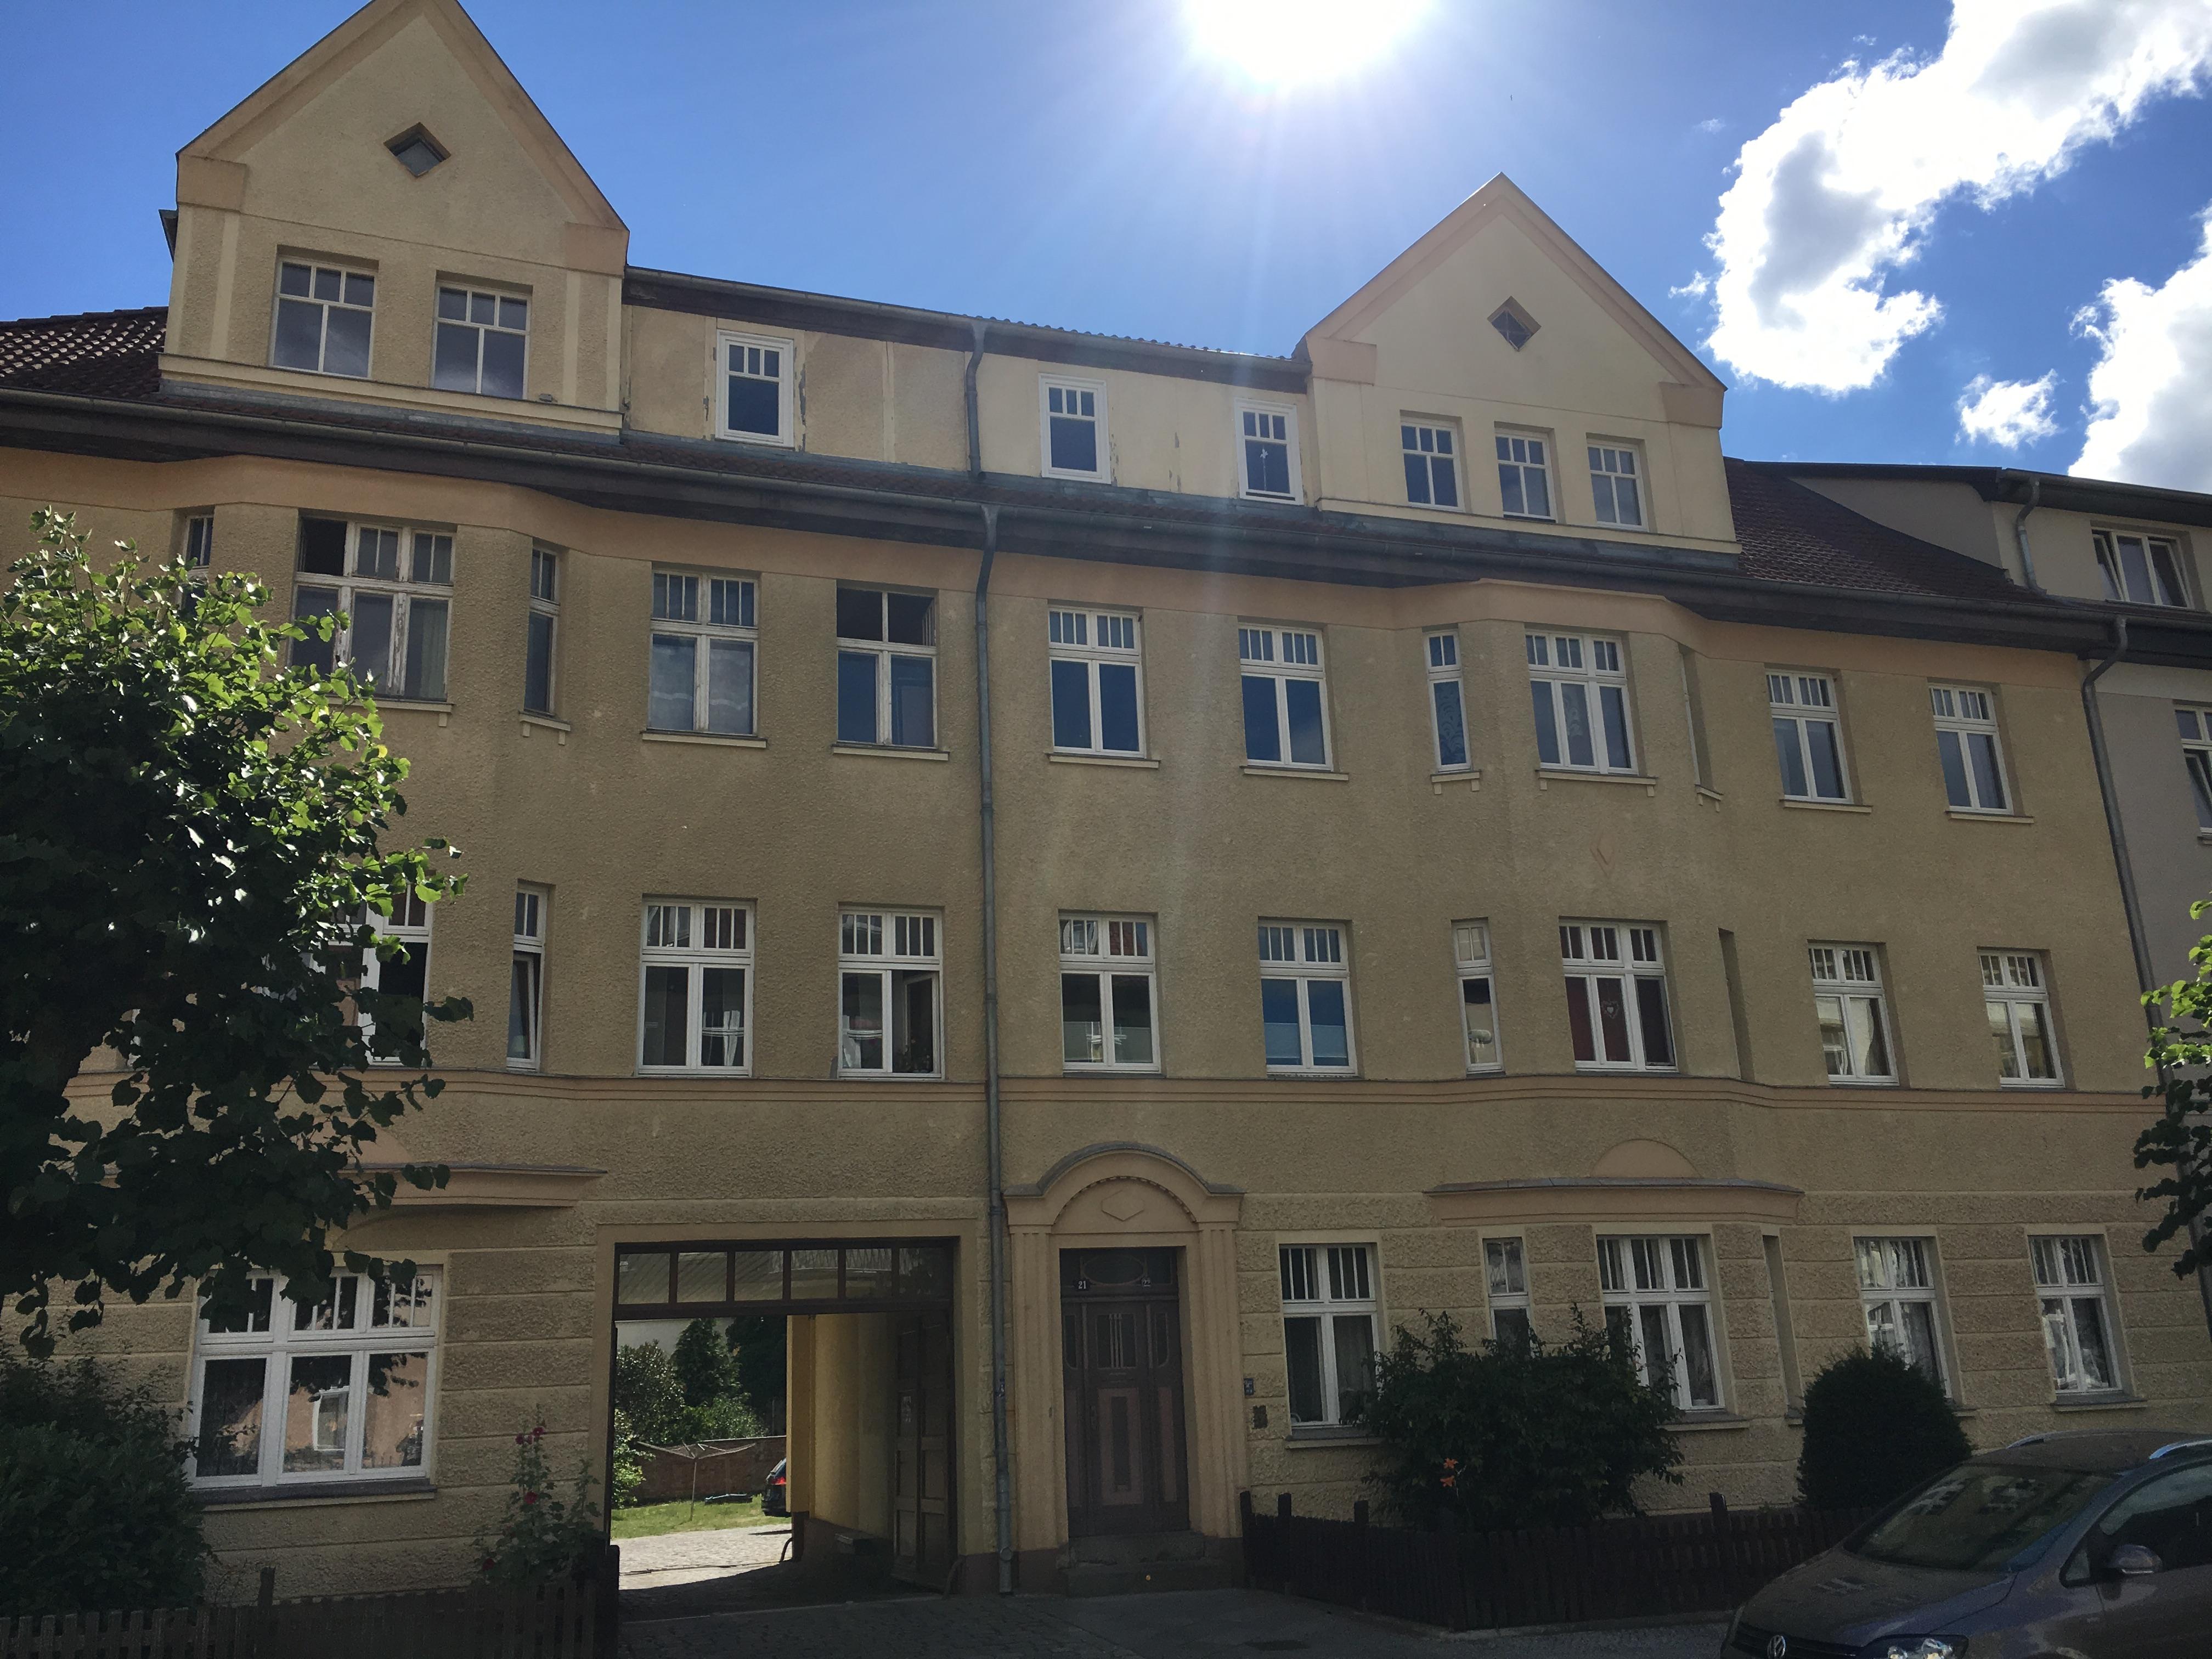 Twachtmannstraße 21, 22